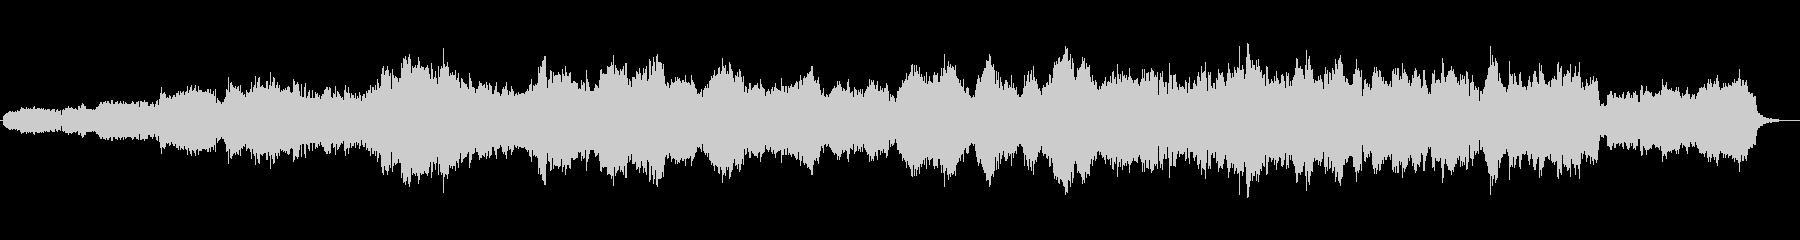 本格的な弦楽四重奏の未再生の波形